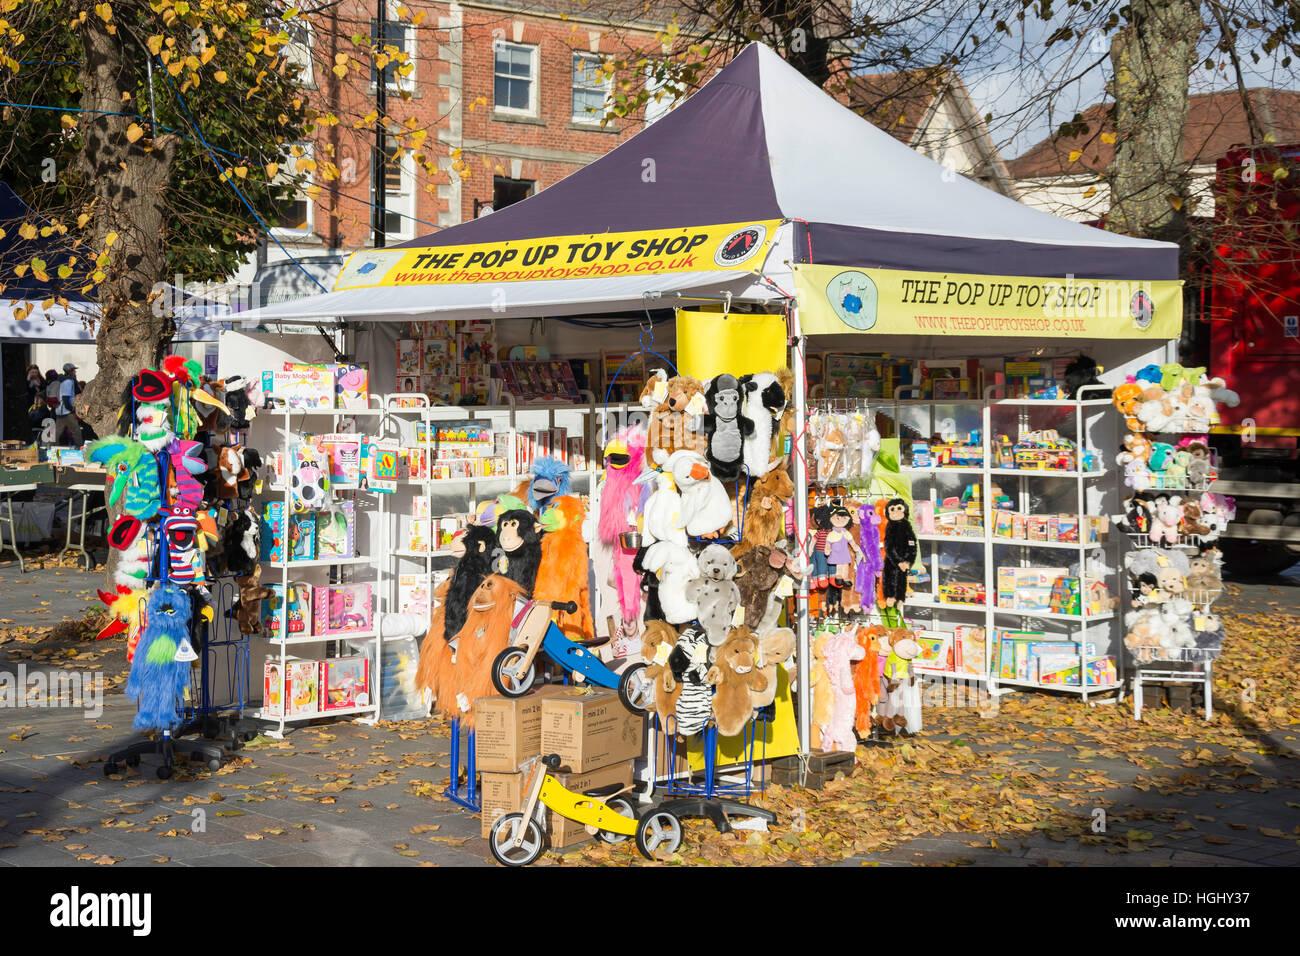 The Pop Up Toy Shop, Salisbury Charter Market, Market Place, Salisbury, Wiltshire, England, United Kingdom - Stock Image